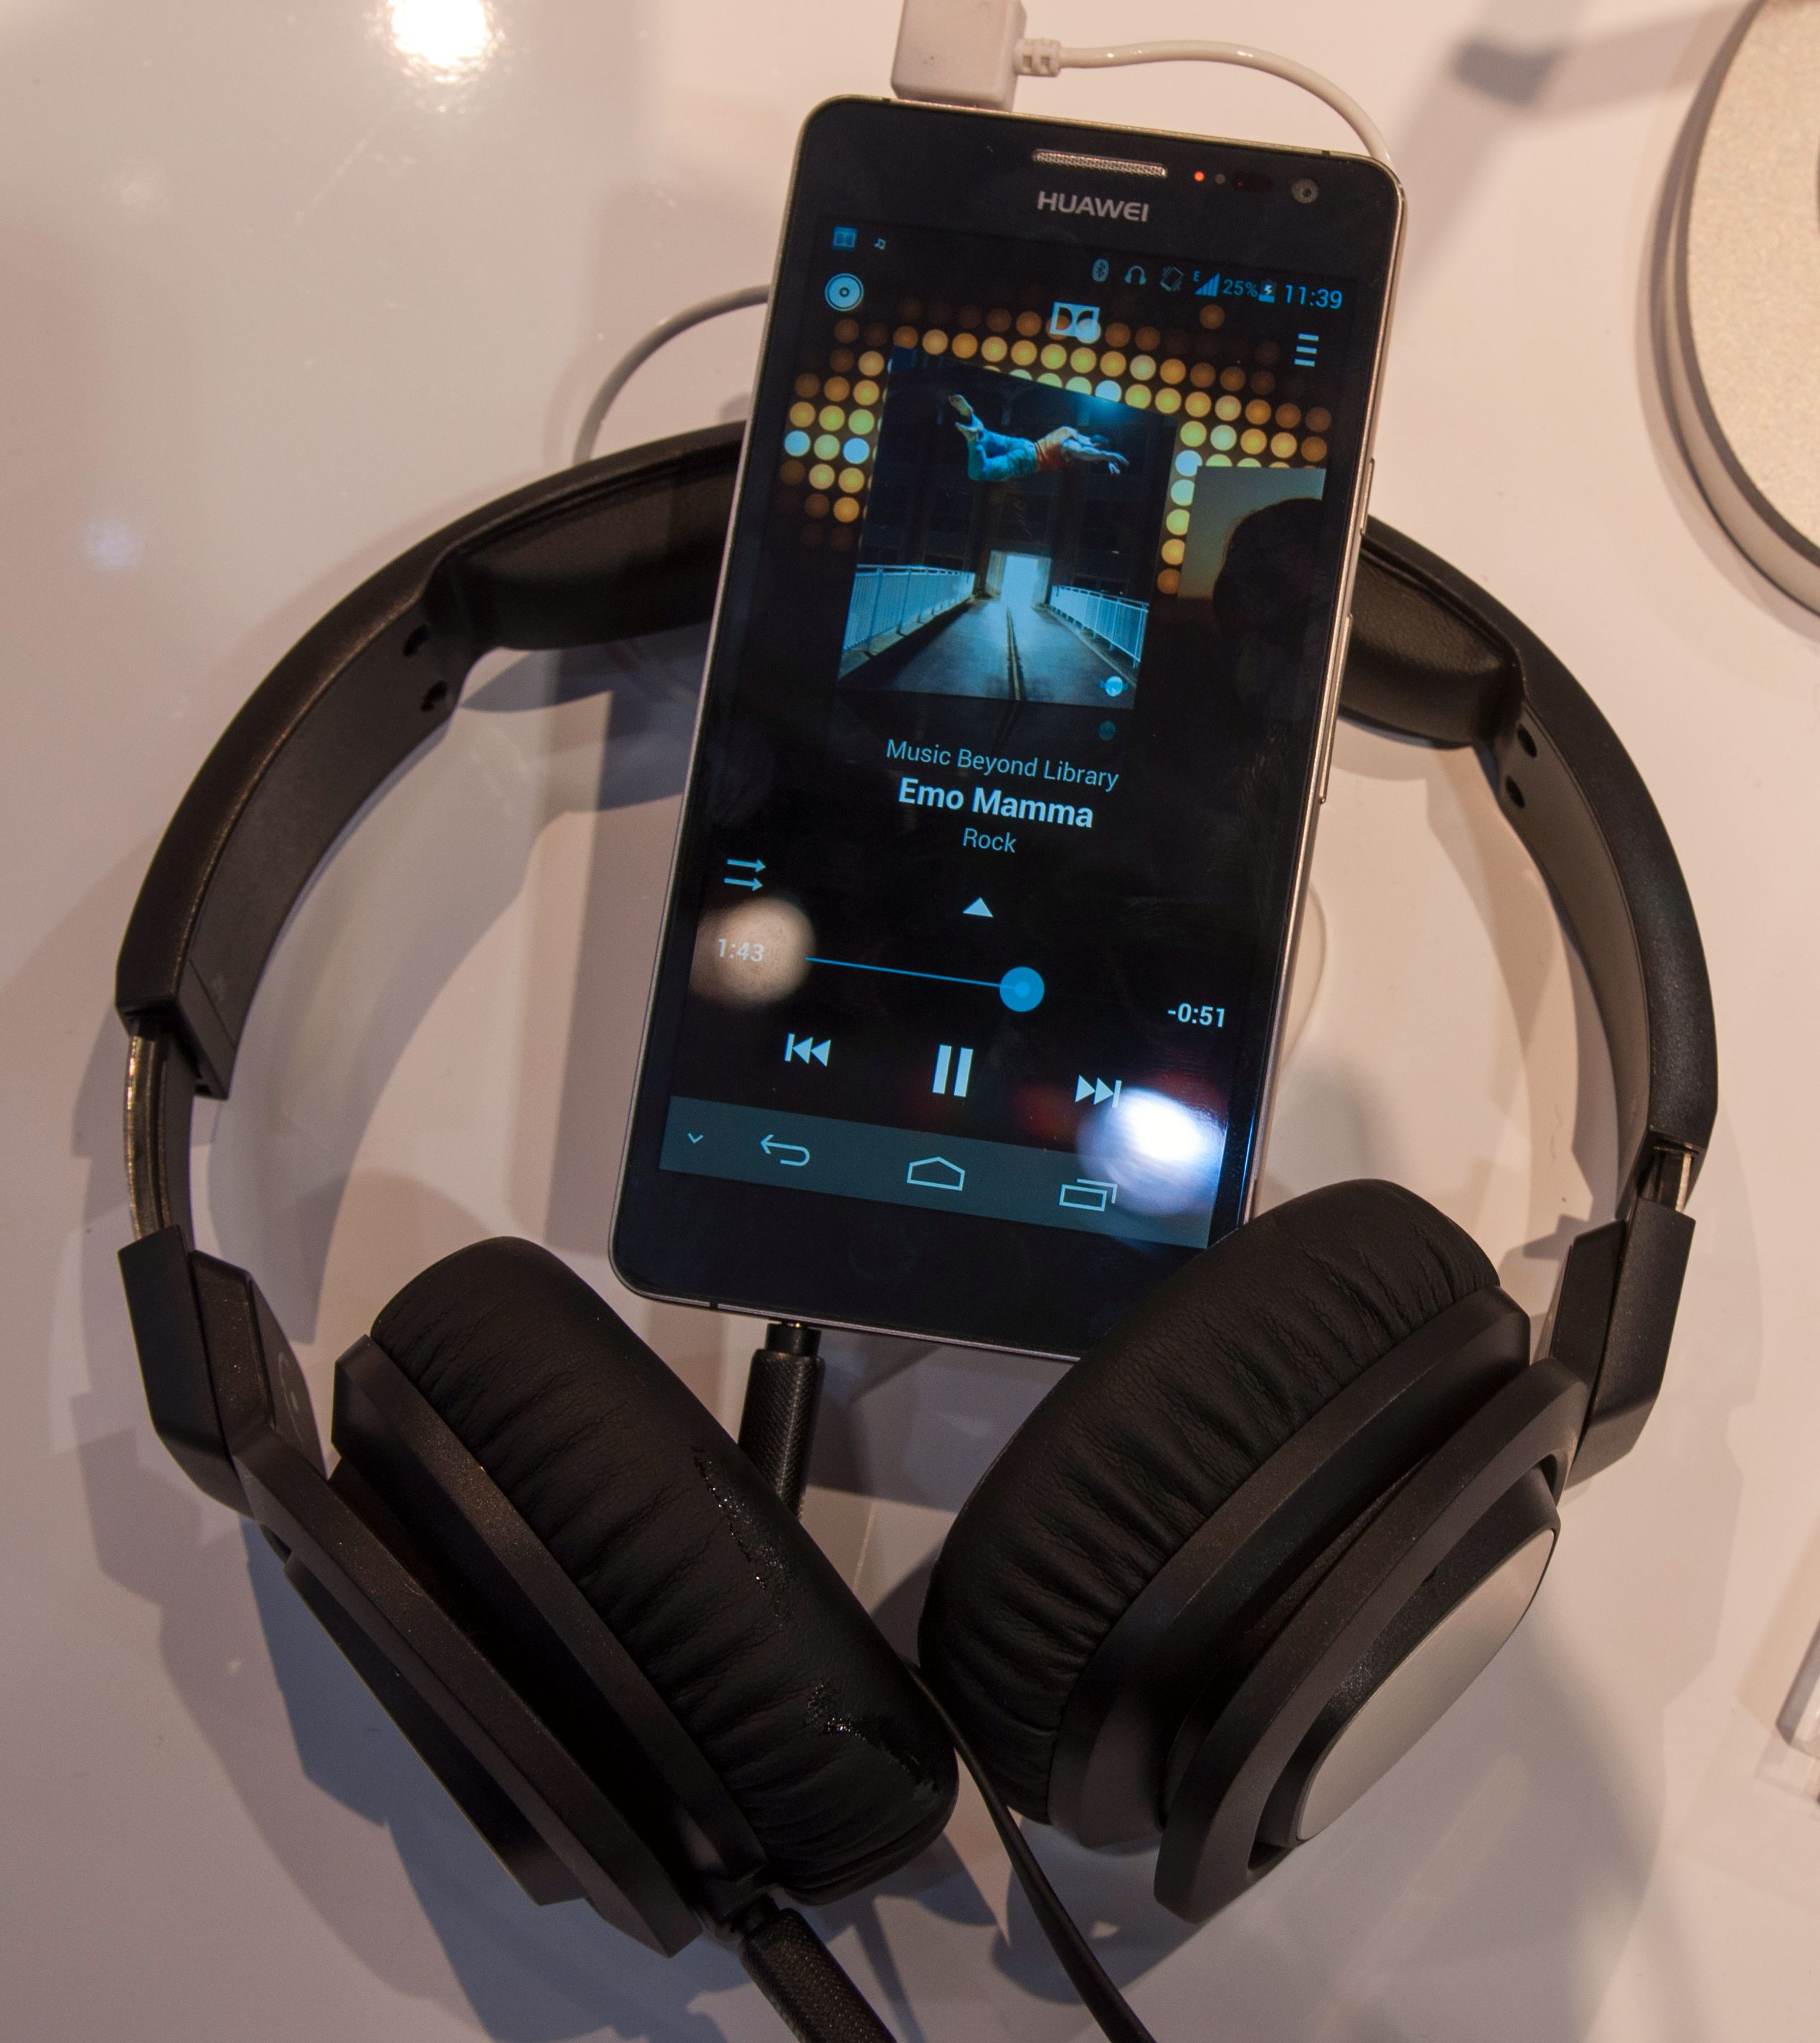 Flere tidligere Huawei-telefoner har hatt middelmådig lydkvalitet. Lydkvaliteten stod i fokus på Huaweis stand i dag, og Ascend D2 virker, med første ørekast, å gjøre en strålende jobb på den fronten.Foto: Finn Jarle Kvalheim, Amobil.no